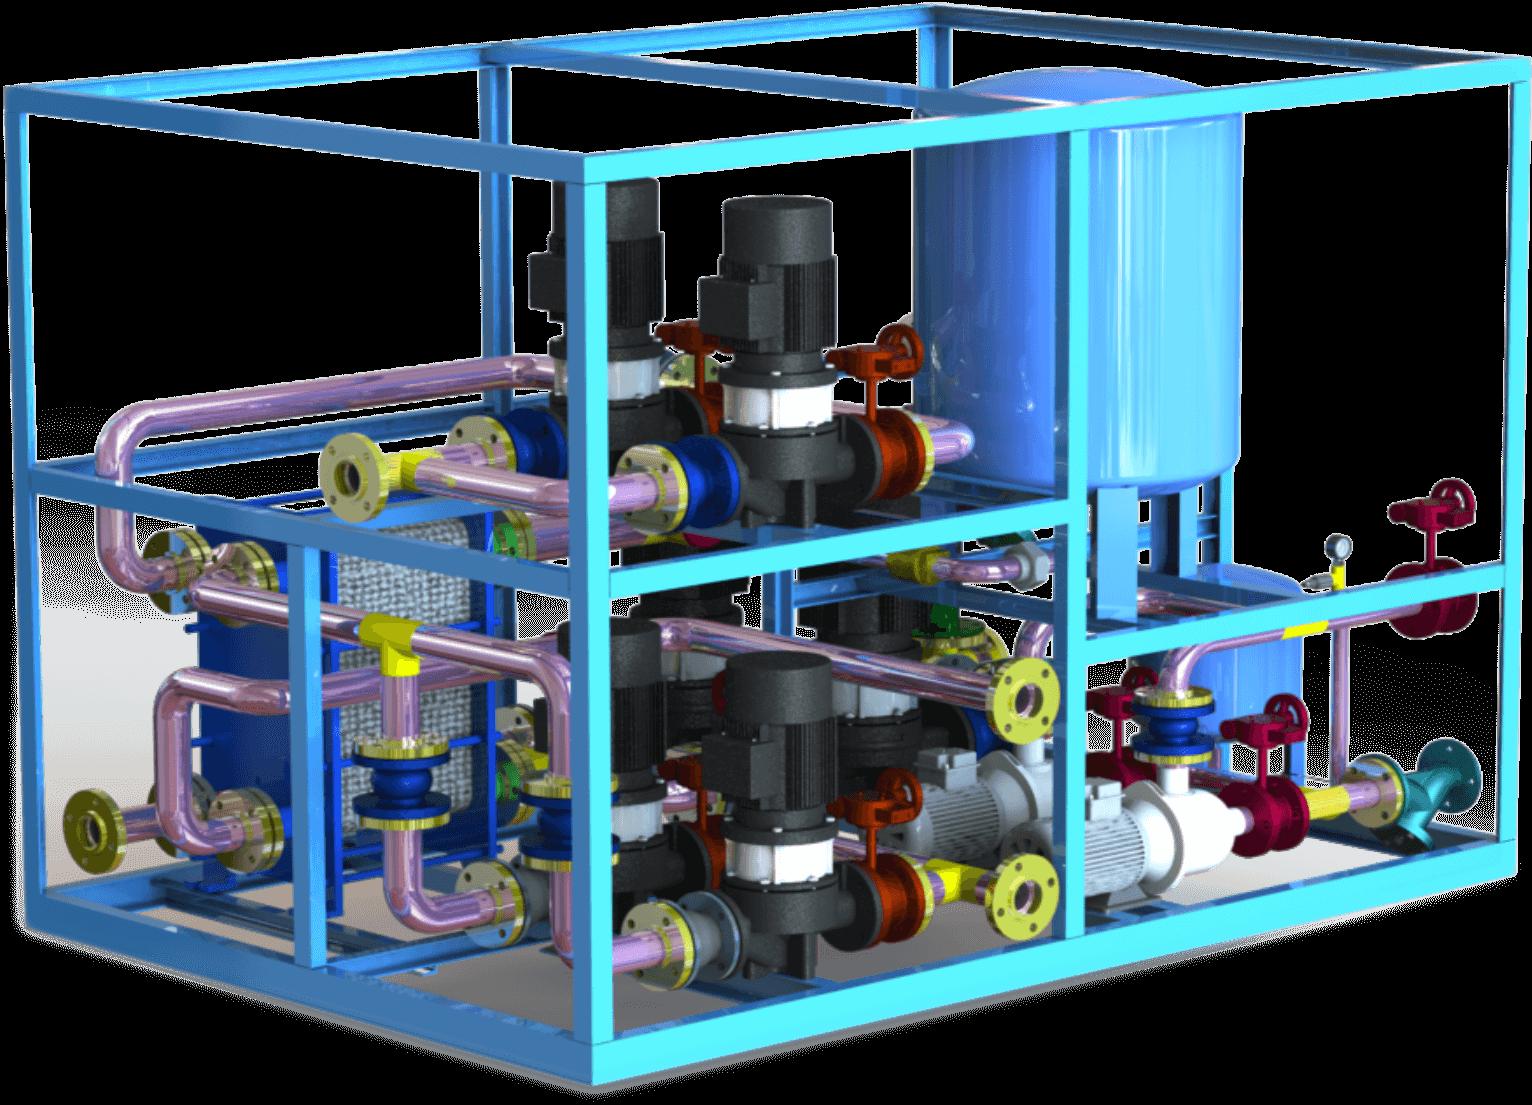 甘肃换热机组设计 供暖设备工程安装维护 西安中盛节能科技有限公司